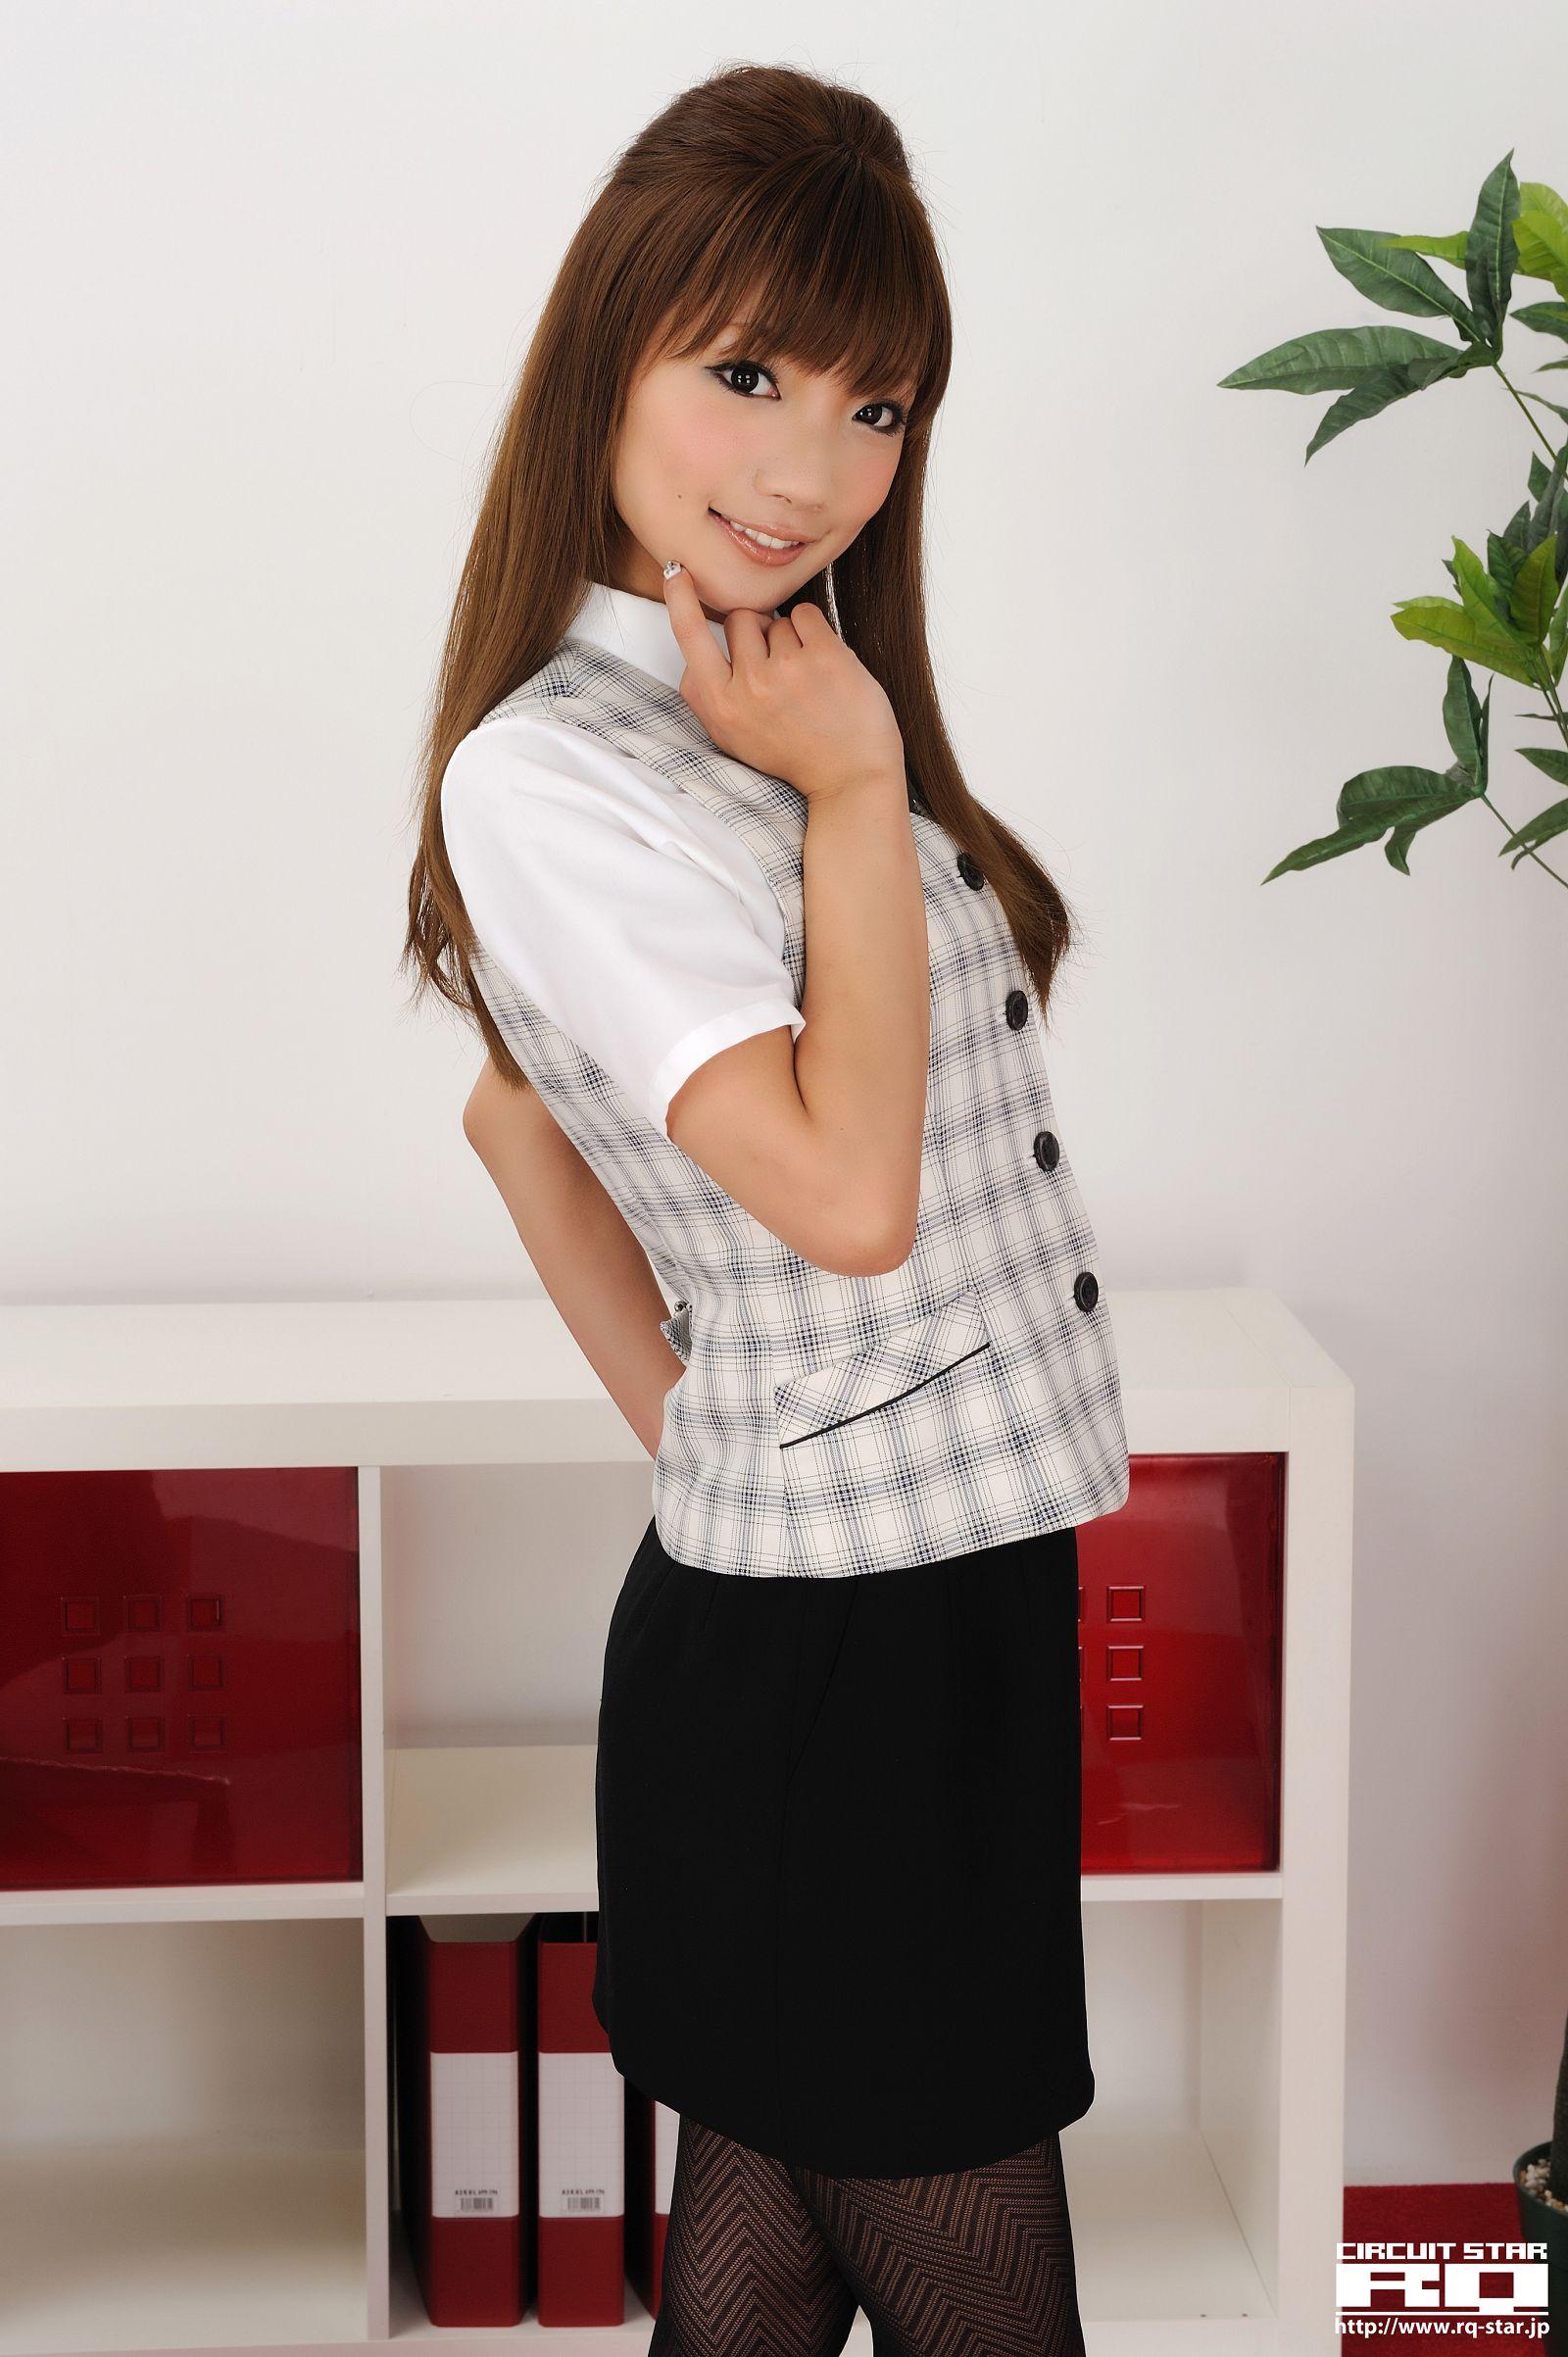 [RQ STAR美女] NO.0313 Junko Maya 真野淳子 Office Lady[60P] RQ STAR 第3张